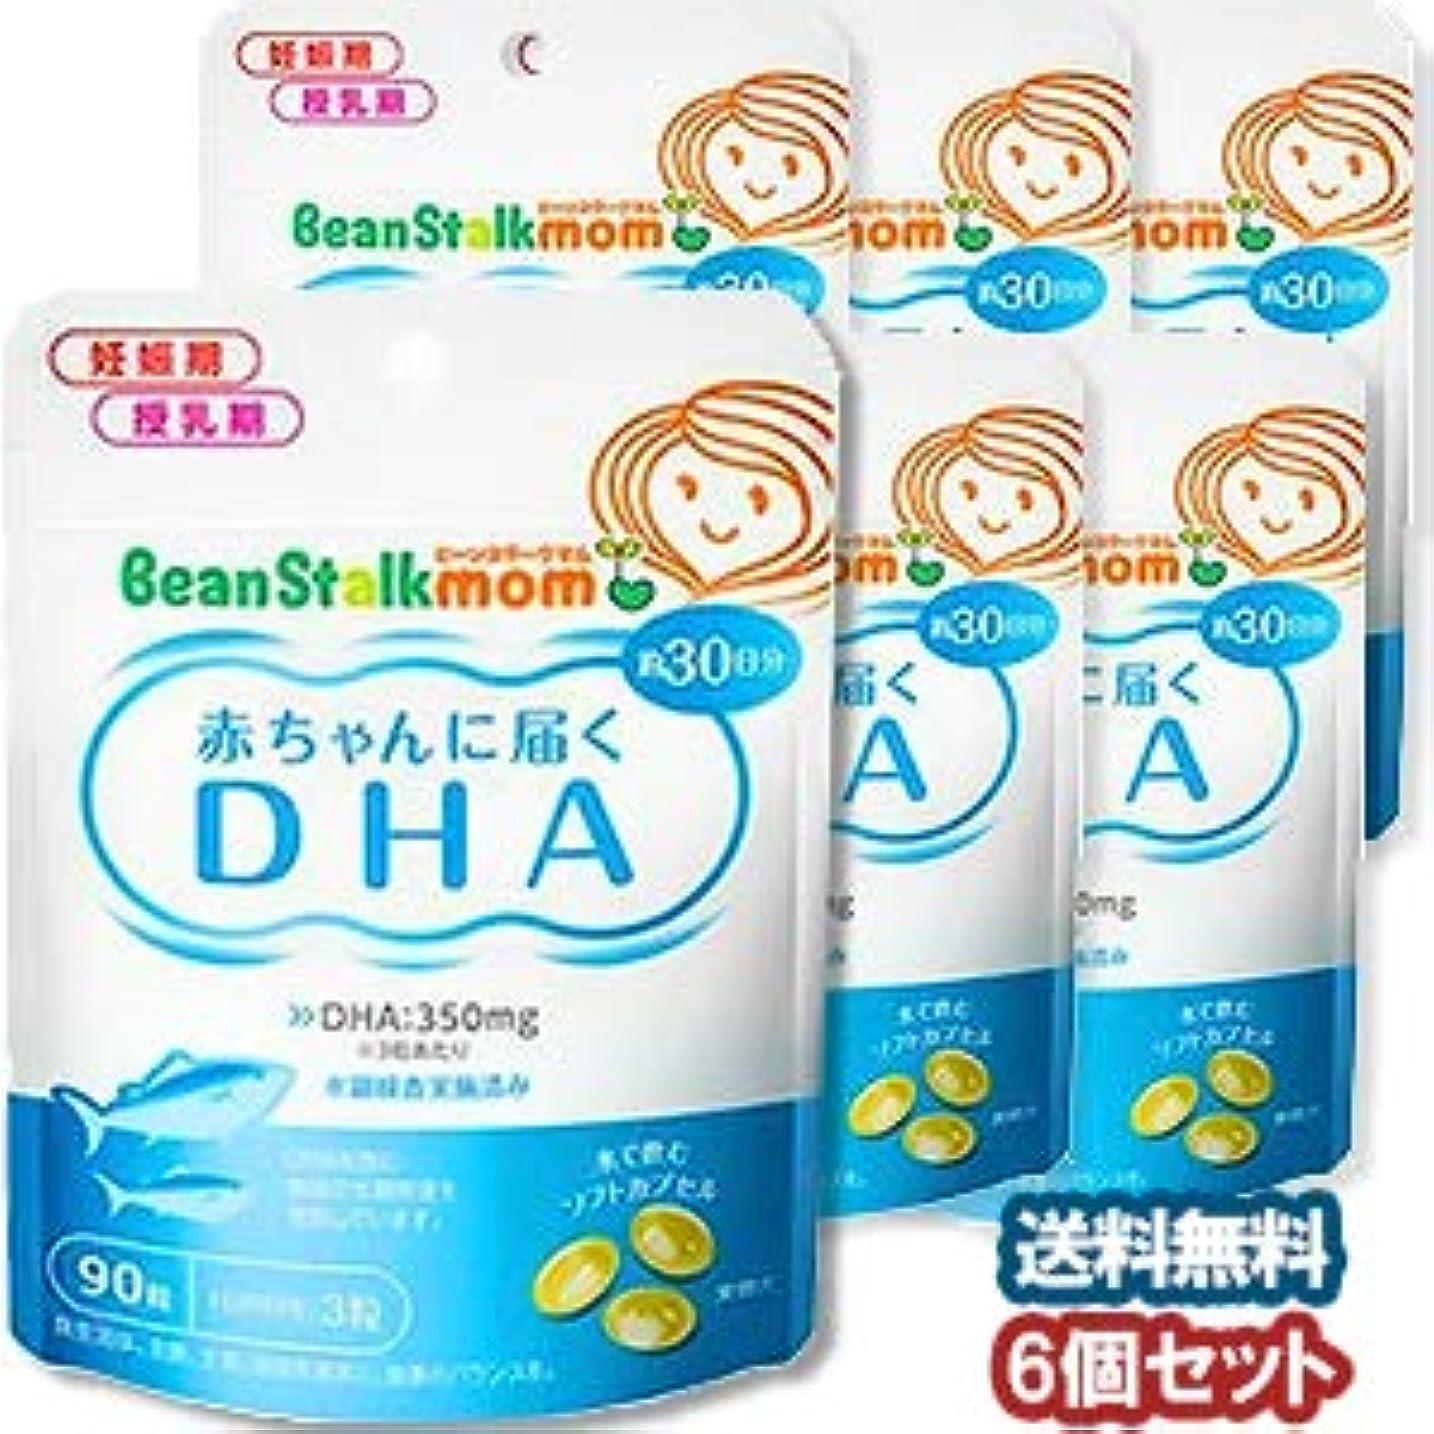 欠伸舗装する豆腐ビーンスタークマム 母乳にいいもの 赤ちゃんに届くDHA 90粒(30日分)×6個セット